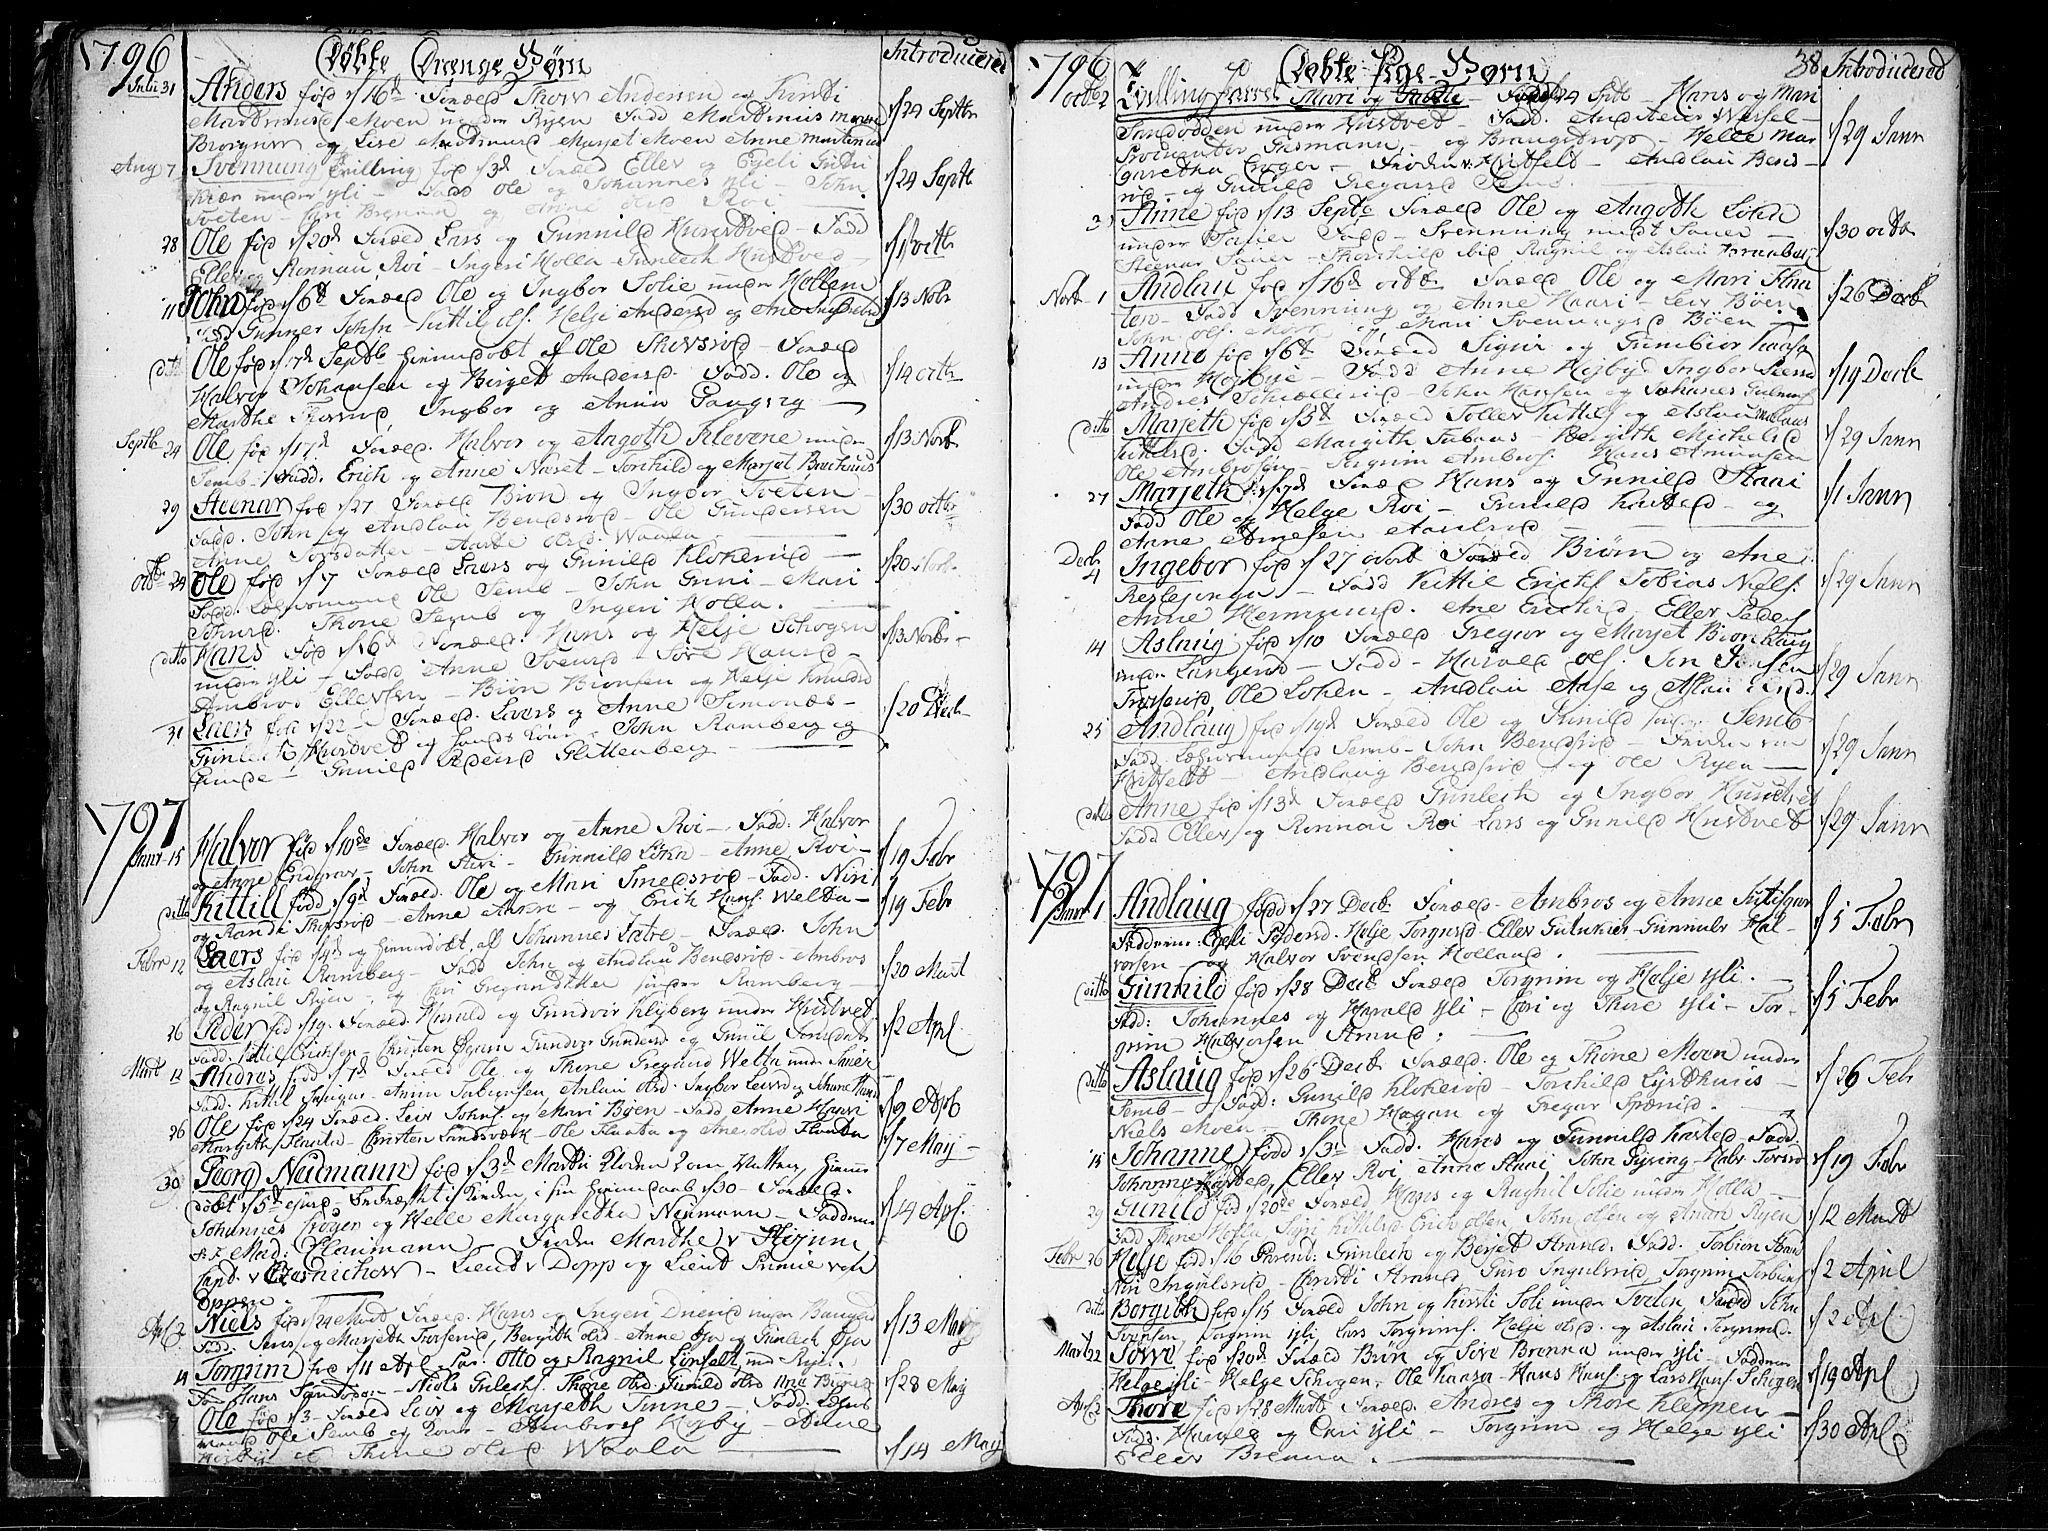 SAKO, Heddal kirkebøker, F/Fa/L0004: Ministerialbok nr. I 4, 1784-1814, s. 38